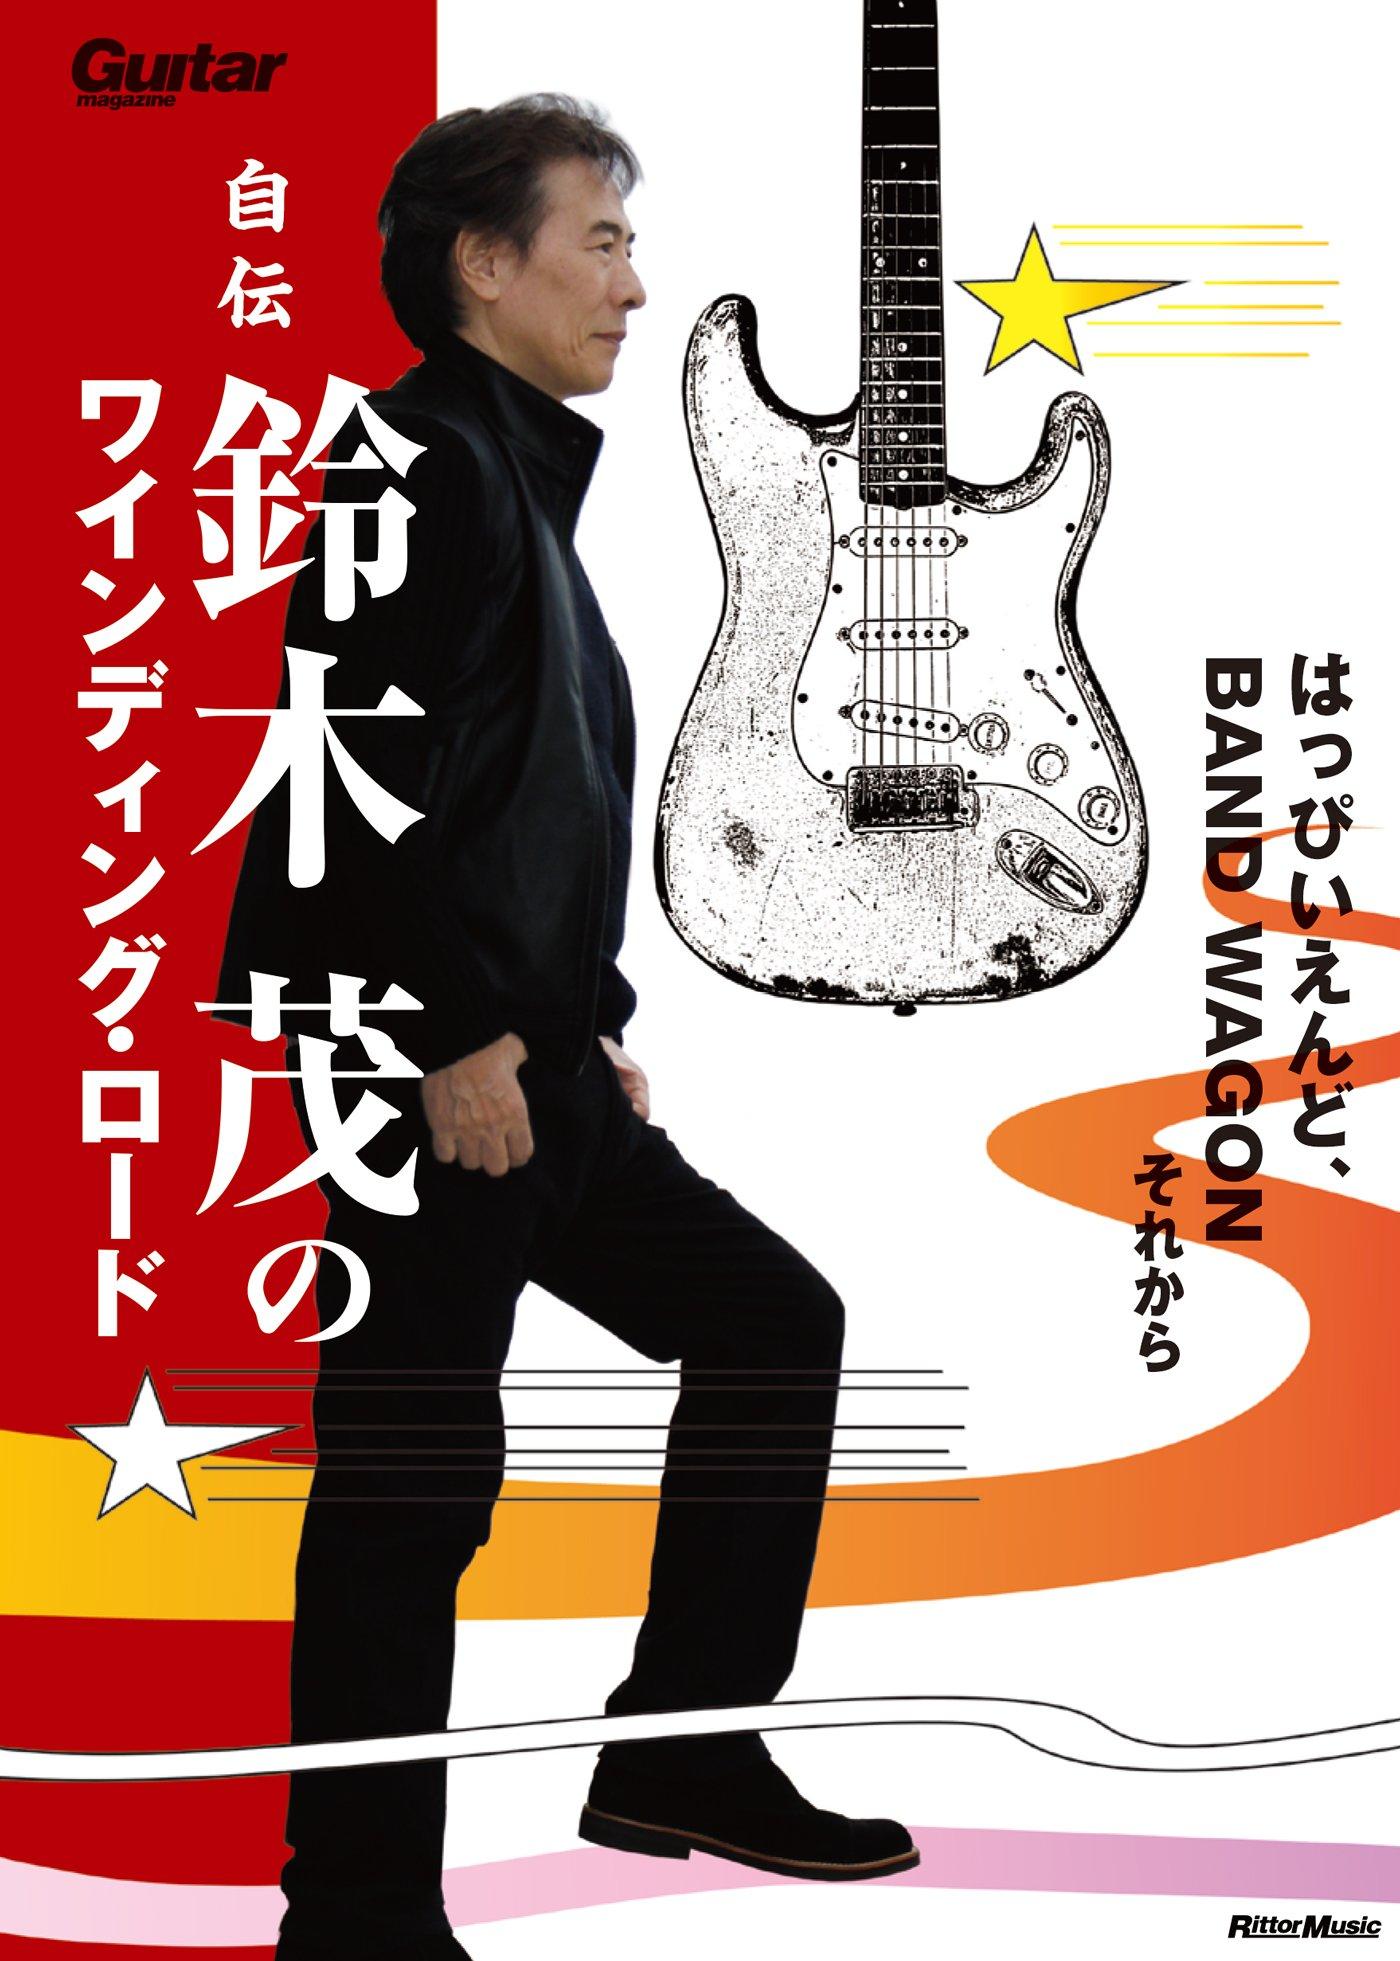 鈴木茂のギターで記念碑的な名曲となった、はっぴいえんど「12月の雨の日」|TAP the SONG|TAP the POP鈴木茂のギターで記念碑的な名曲となった、はっぴいえんど「12月の雨の日」 - TAP the POP